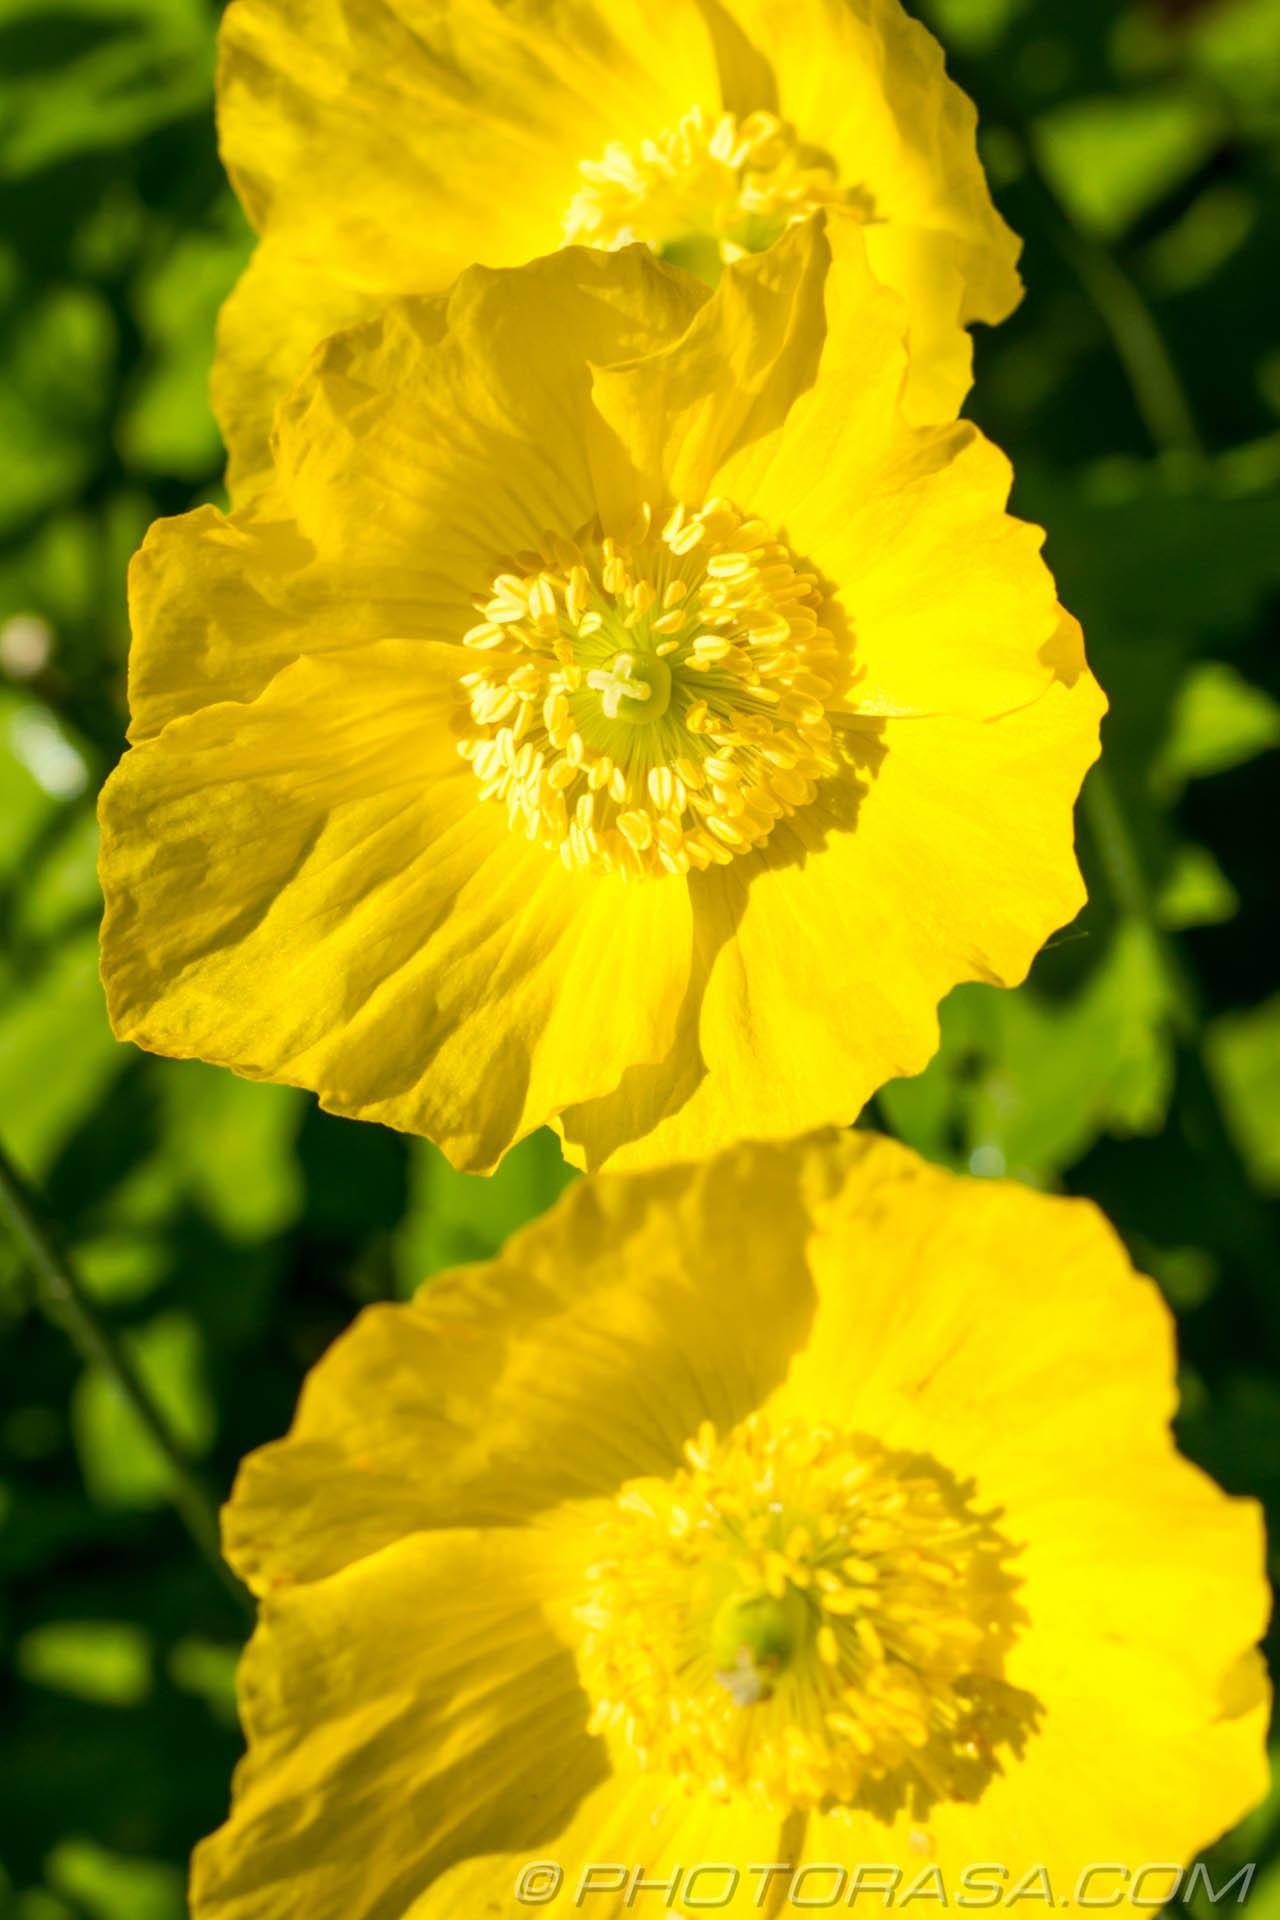 https://photorasa.com/buttercups/large-buttercups/